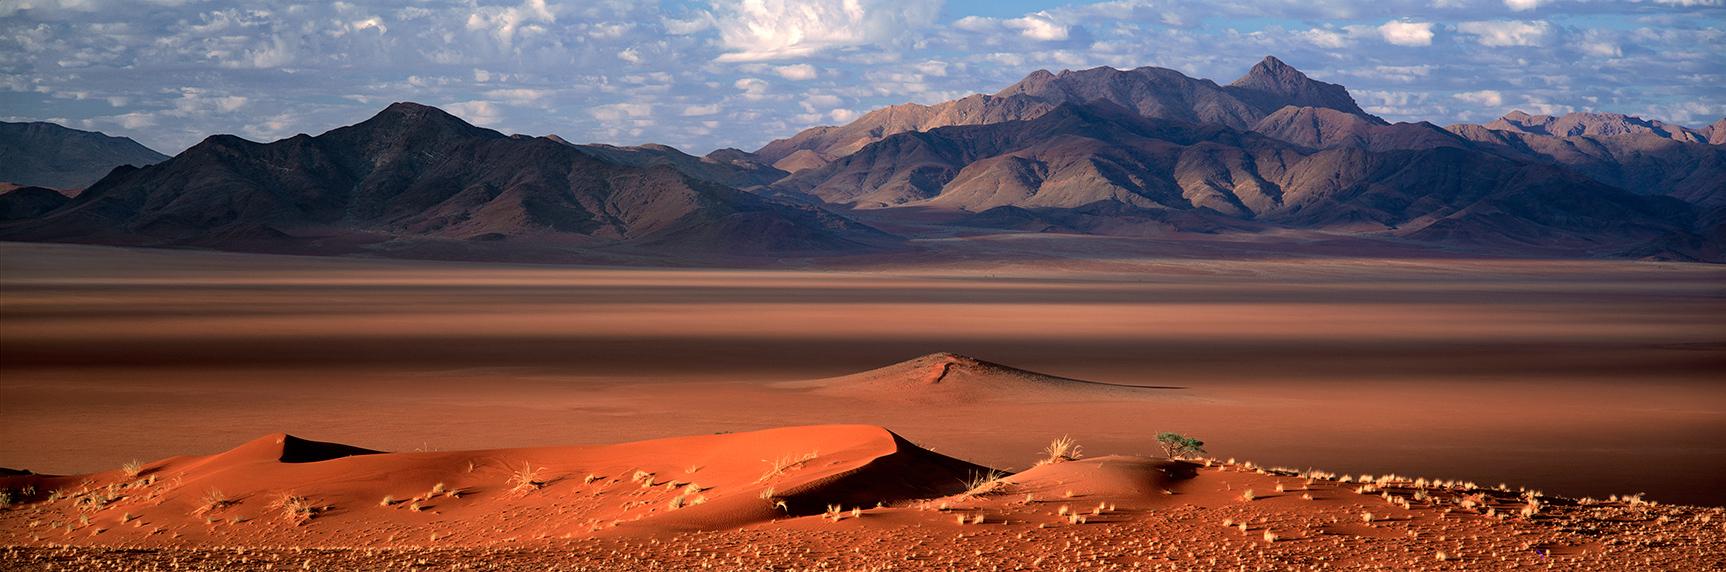 Sossusvlei III, Namibia (010075)